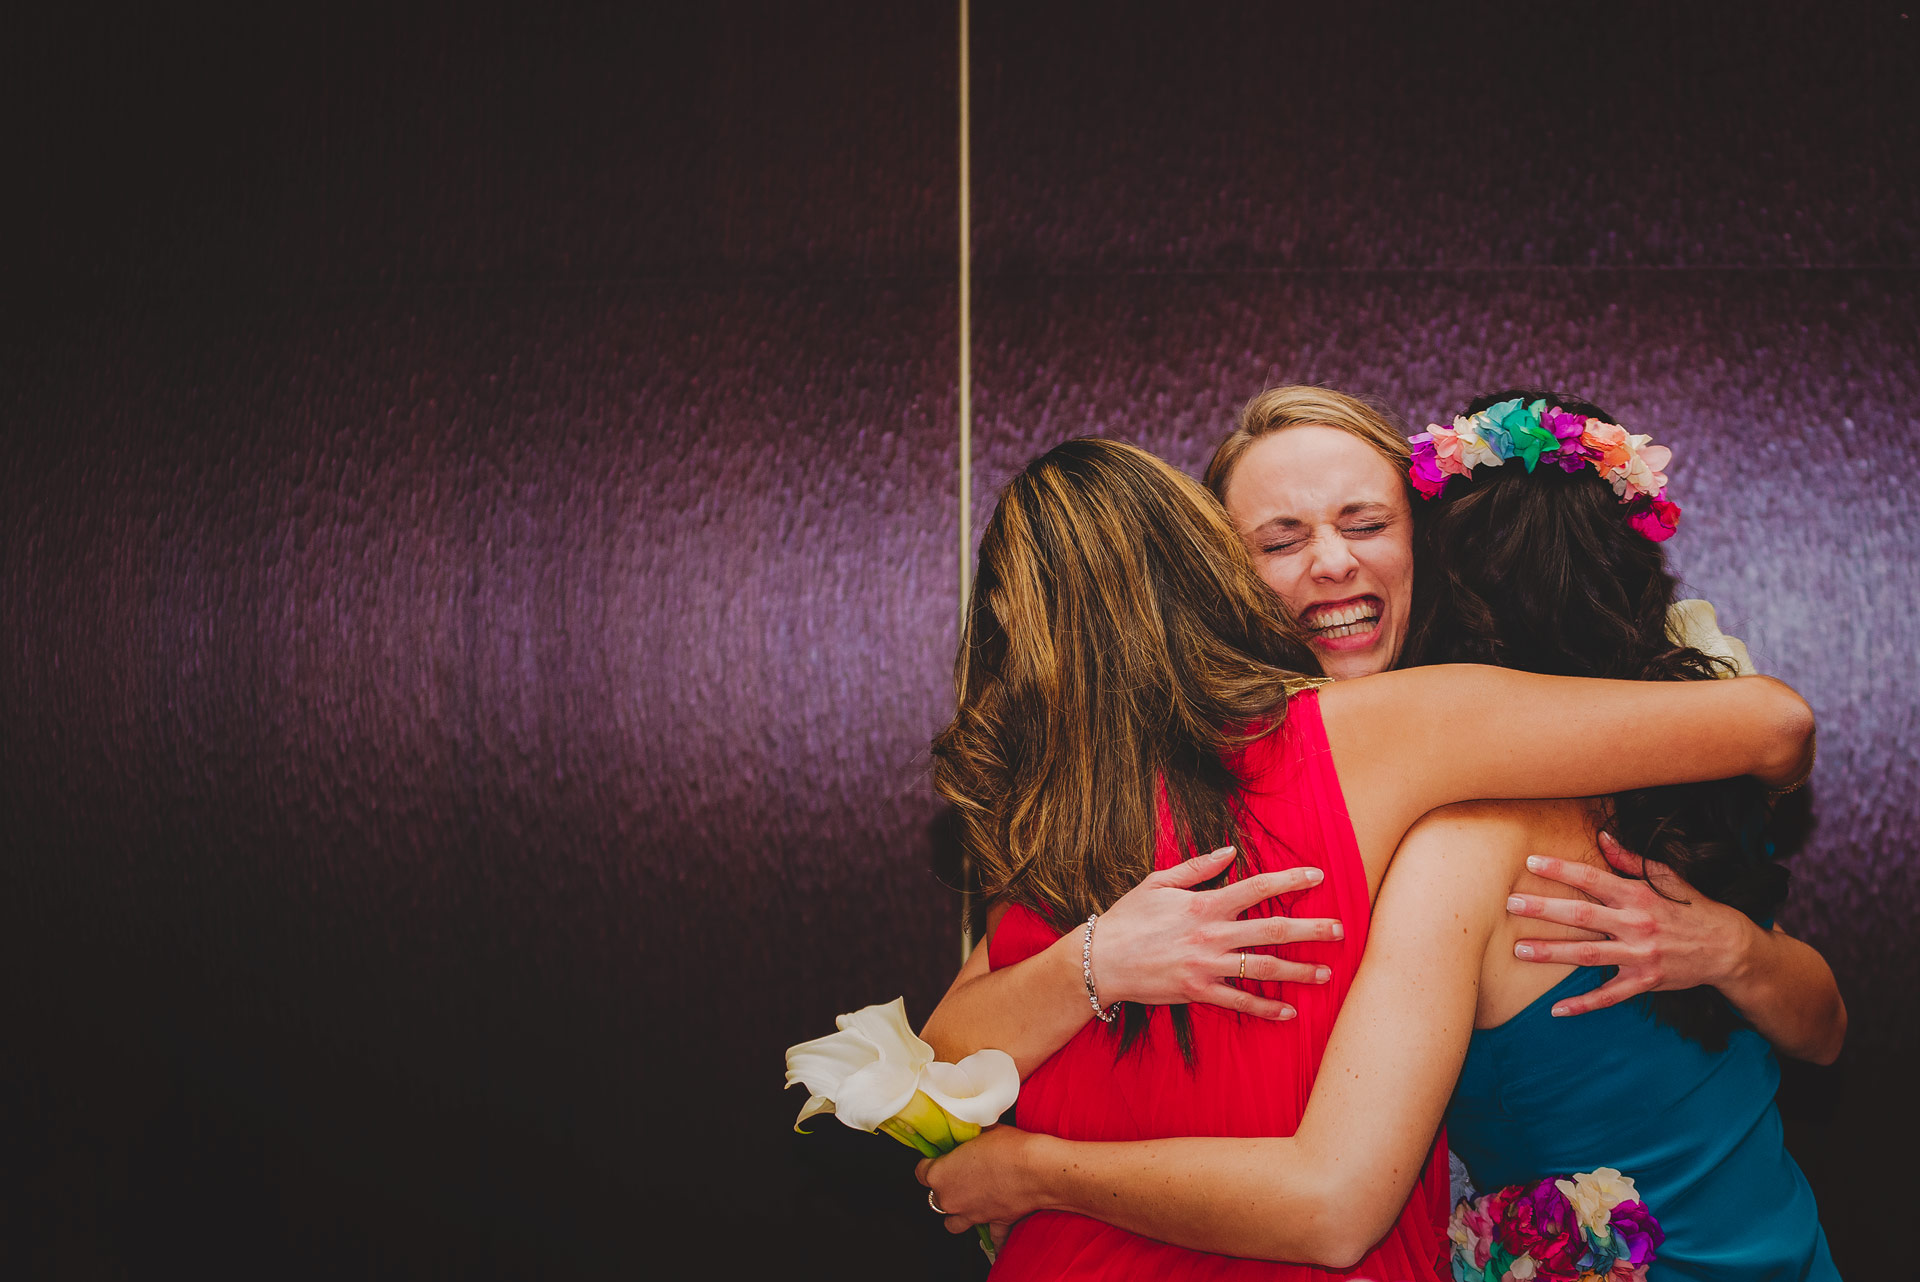 Fotografía de boda de una novia emocionada abrazando fuerte a sus mejores amigas